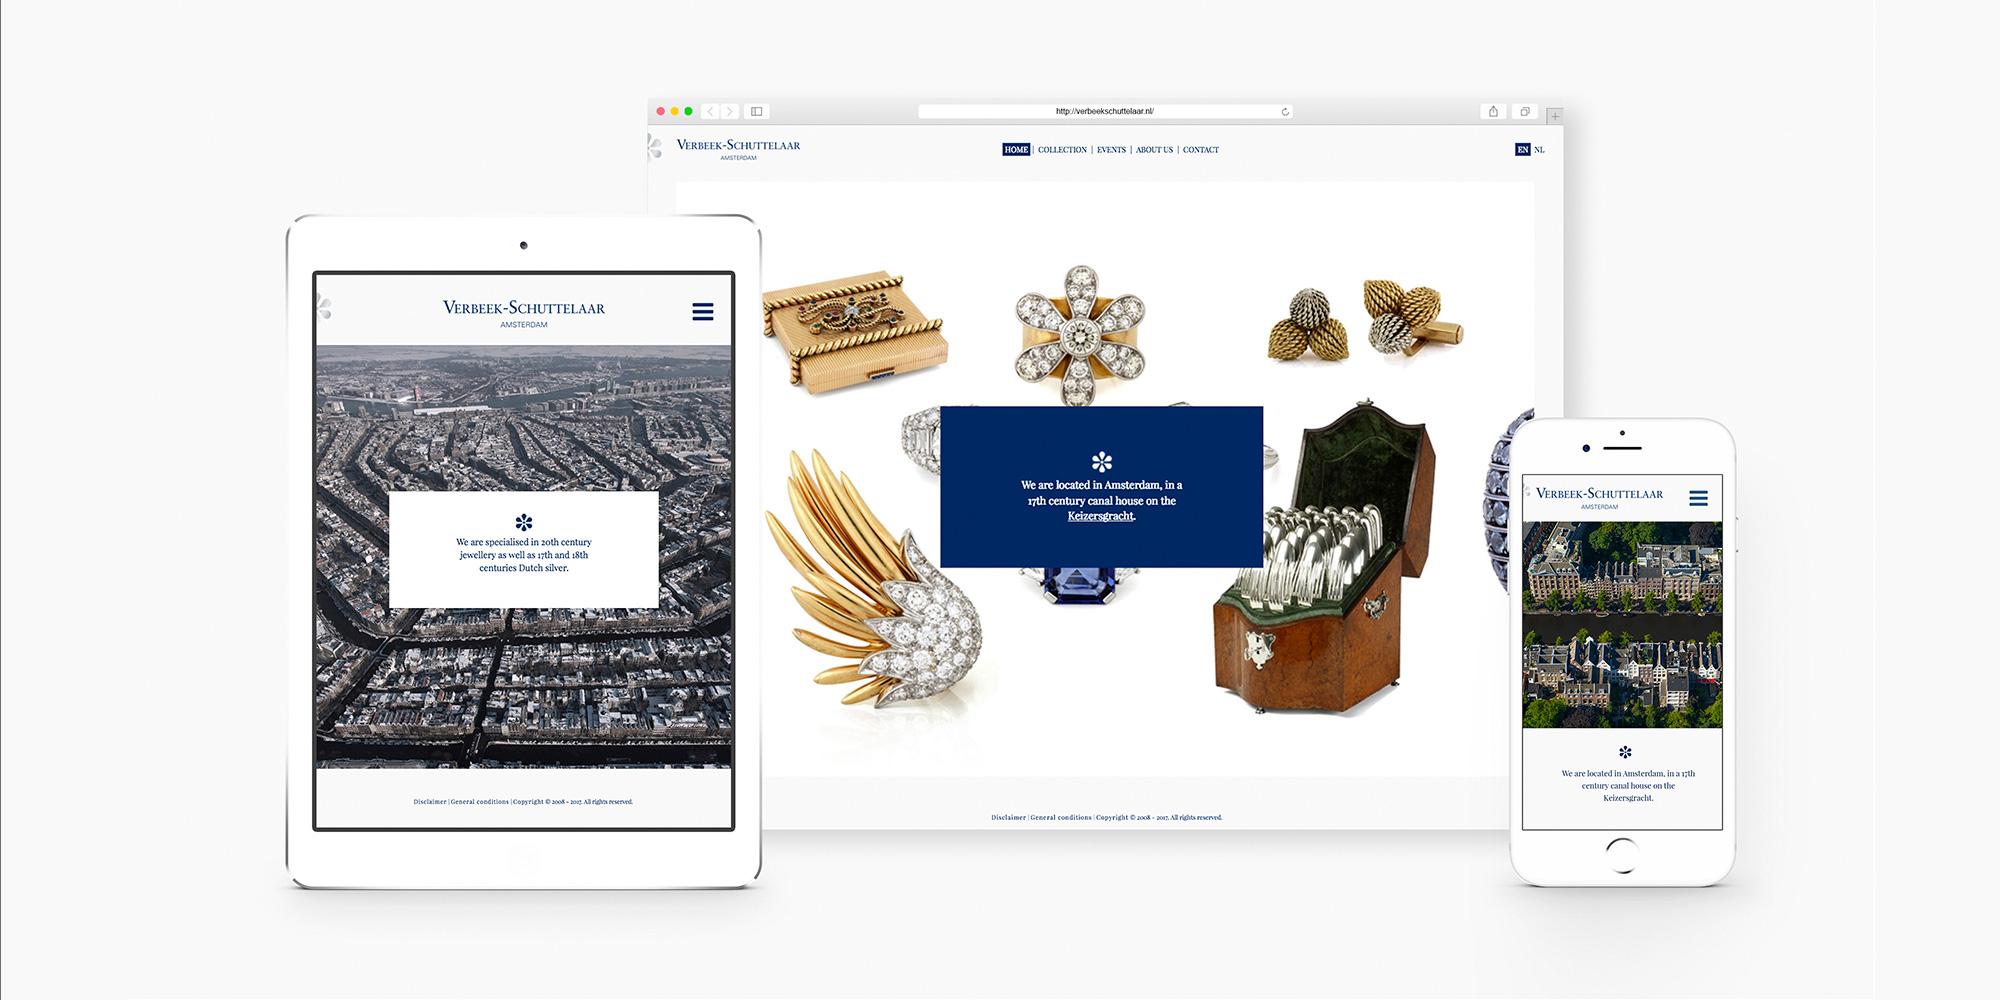 Verbeek en Schuttelaar / Dutchy Design / Branding & Design Portfolio